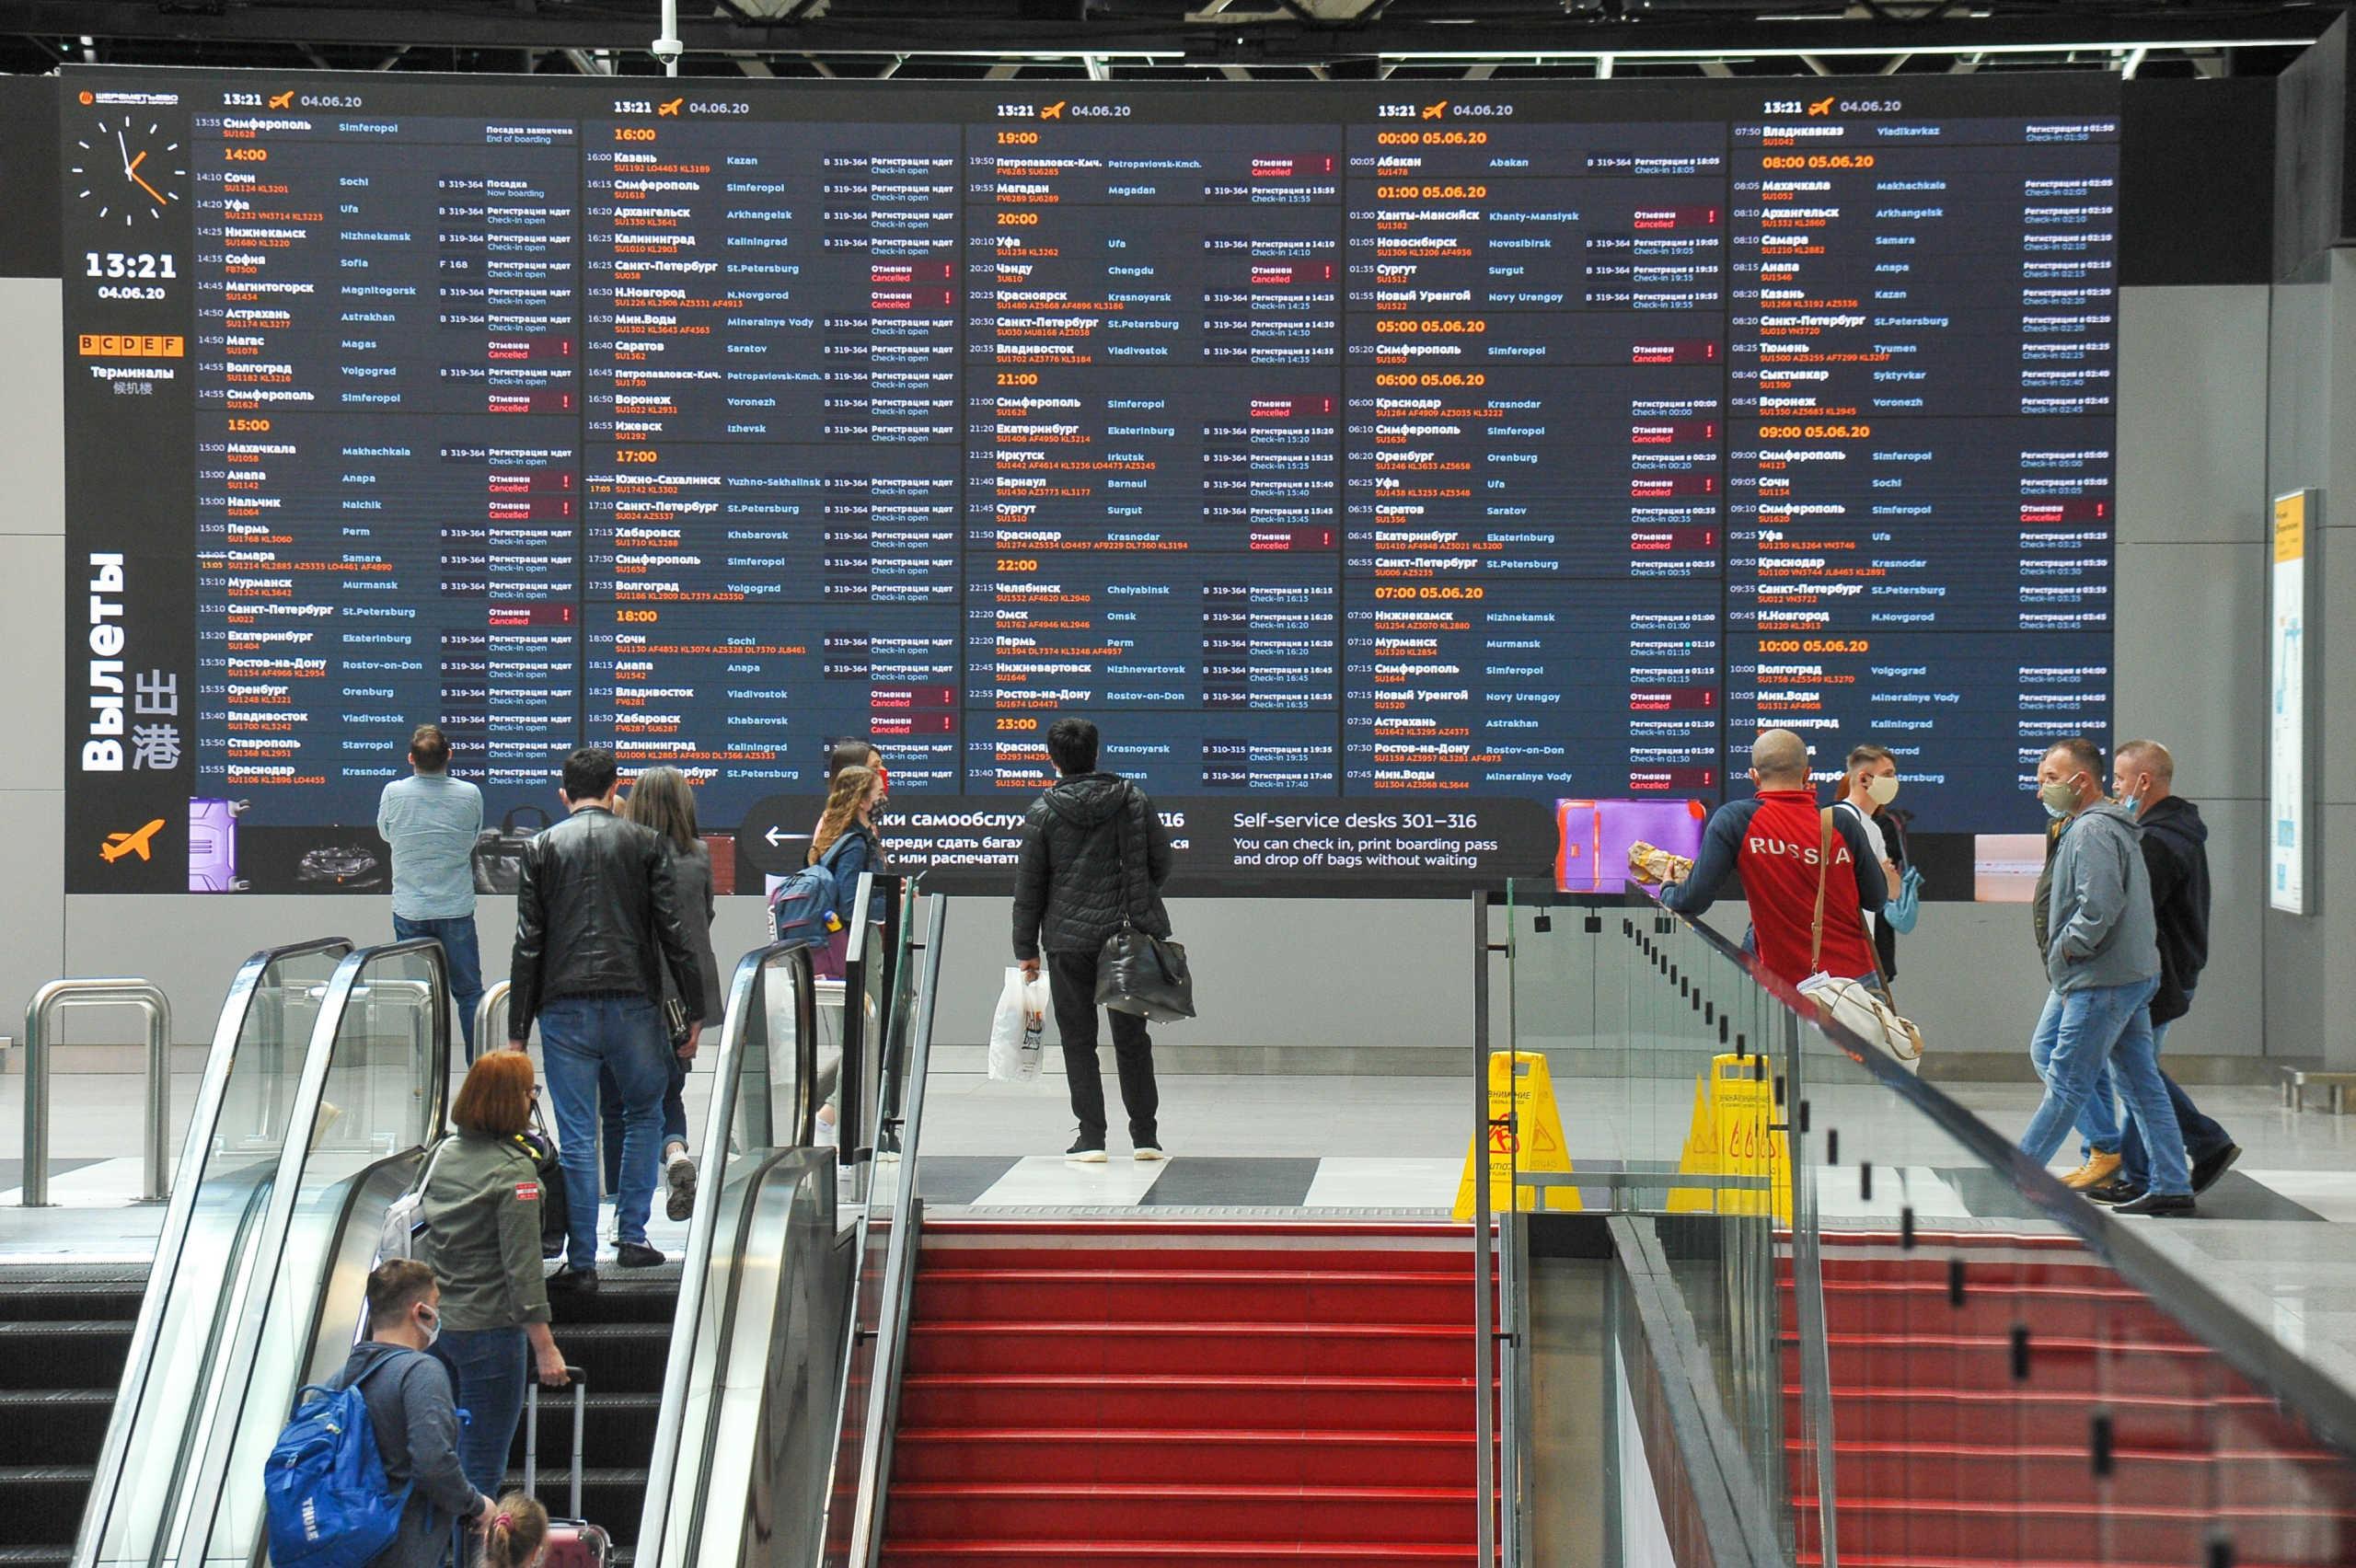 Κορονοϊός: 84 δισ. δολάρια η ζημιά των αεροπορικών εταιρειών